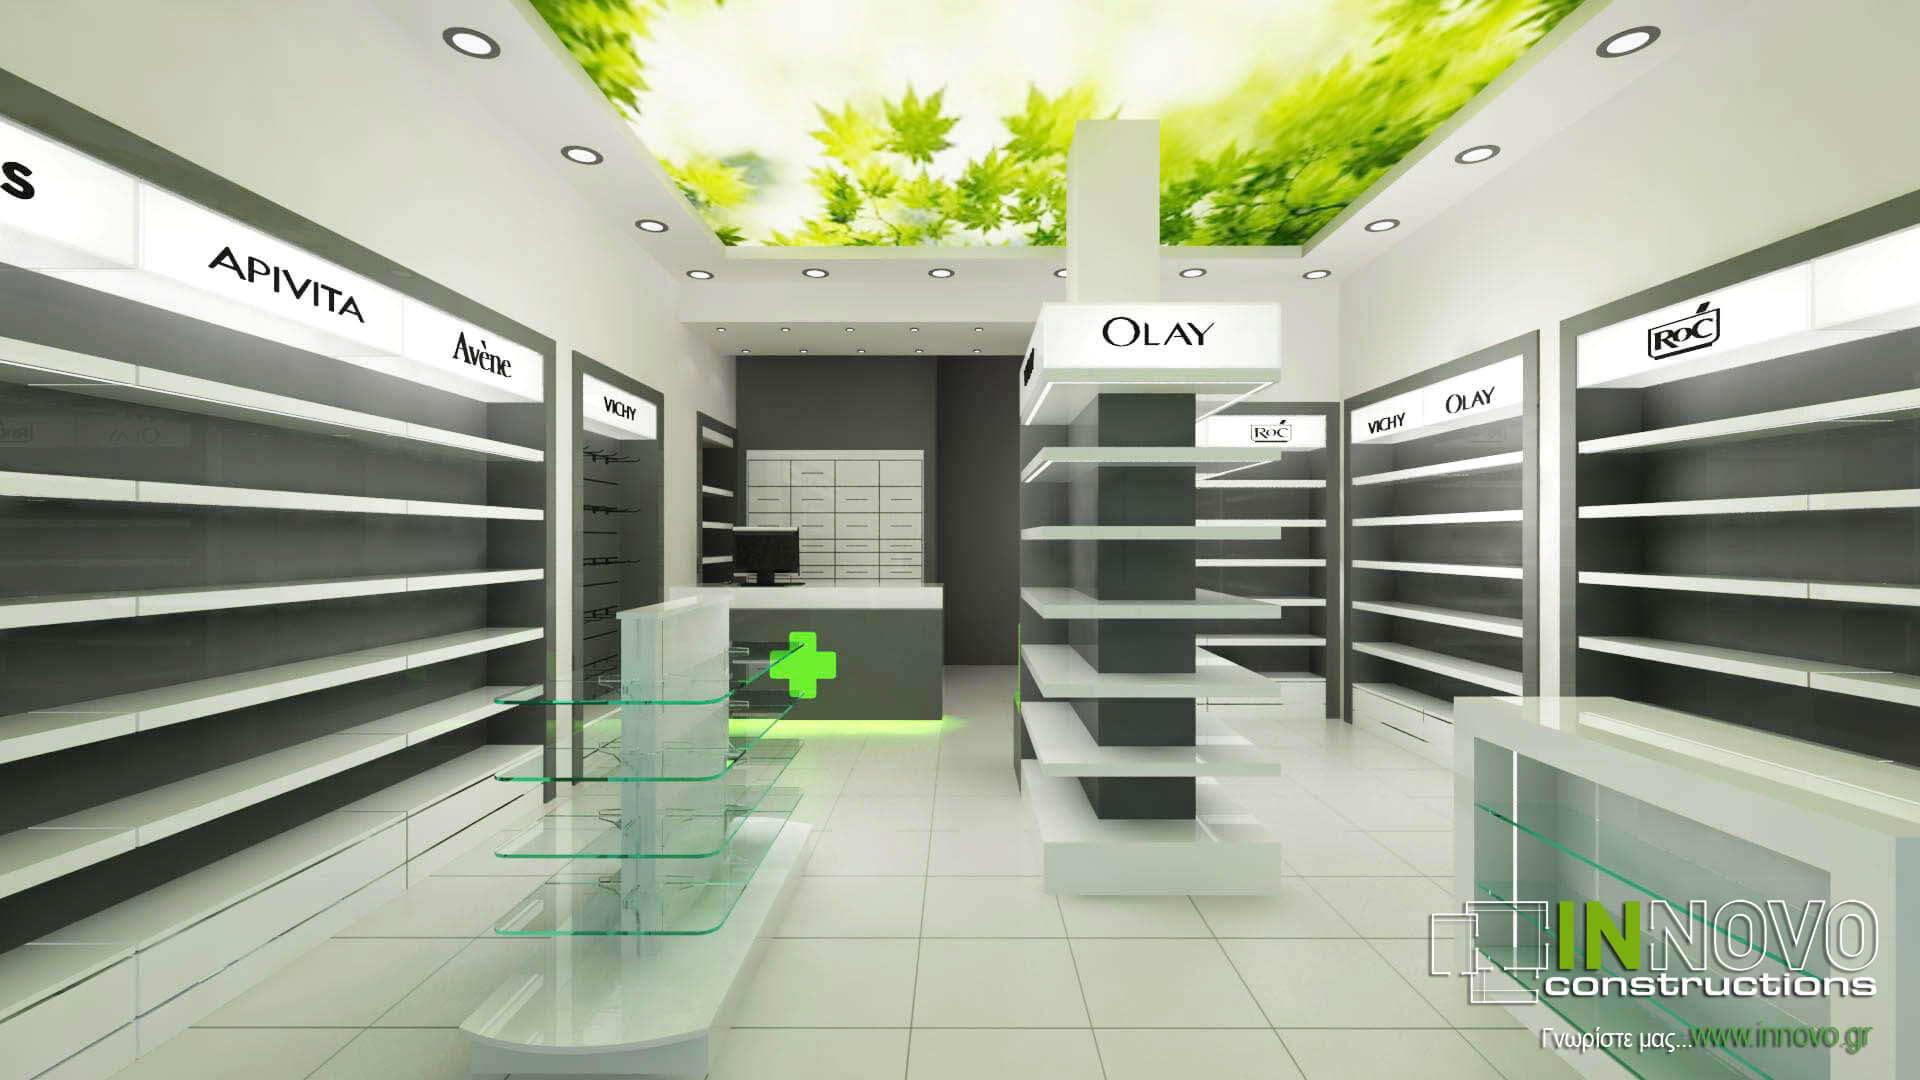 Σχεδιασμός χώρου φαρμακείου στα Άνω Πατήσια